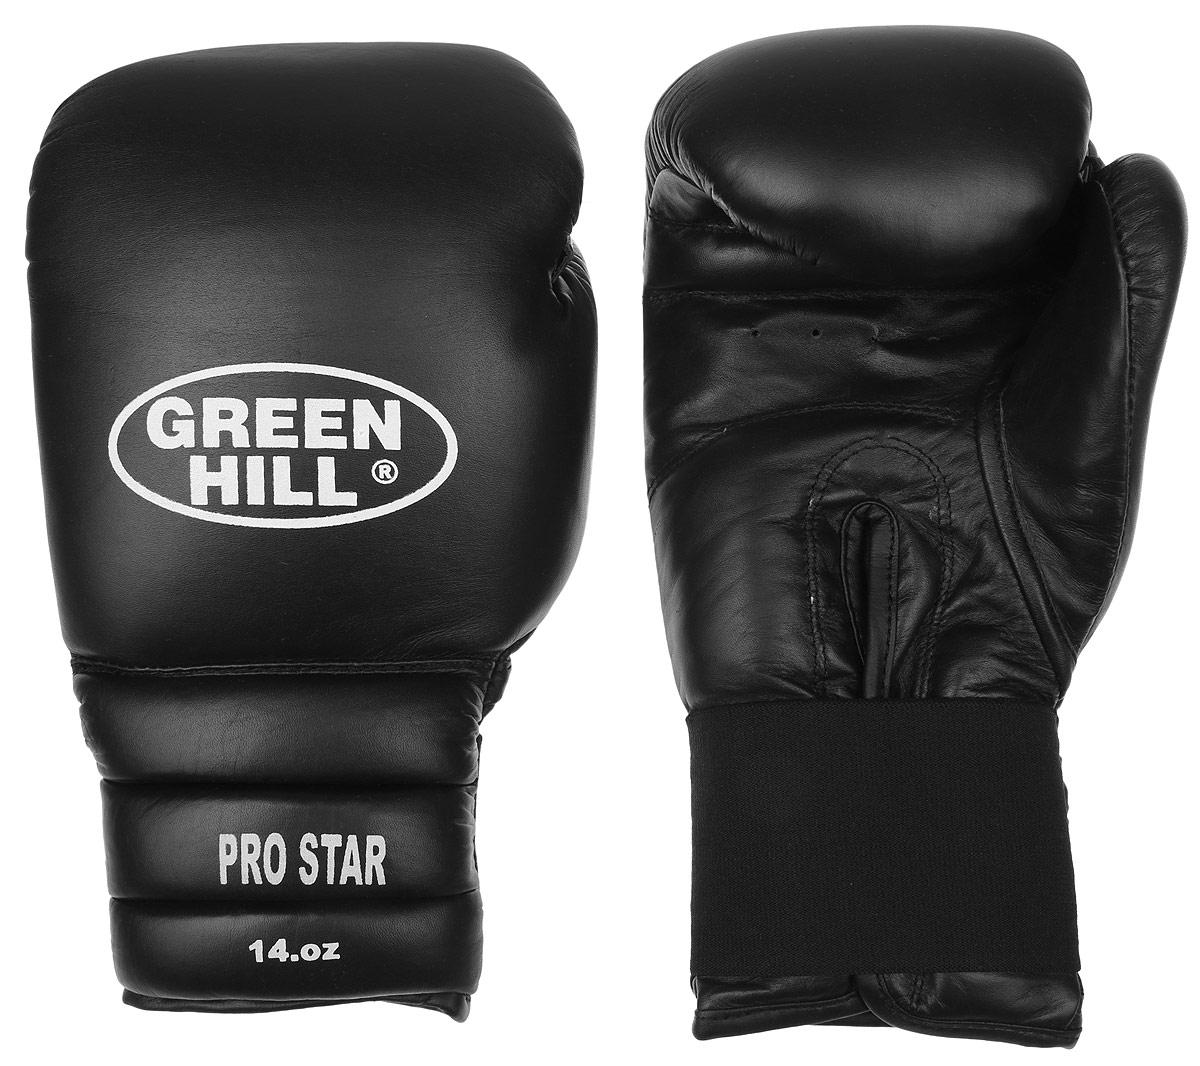 Перчатки боксерские Green Hill Pro Star, цвет: черный, белый. Вес 14 унций. BGPS-2012SCG-2048cТренировочные боксерские перчатки Green Hill Pro Star отлично подойдут для спаррингов. Верх выполнен из натуральной кожи, наполнитель - из вспененного полимера. Отверстие в области ладони позволяет создать максимально комфортный терморежим во время занятий. Удлиненный сегментированный манжет способствует быстрому и удобному надеванию перчаток, плотно фиксирует их на руке.